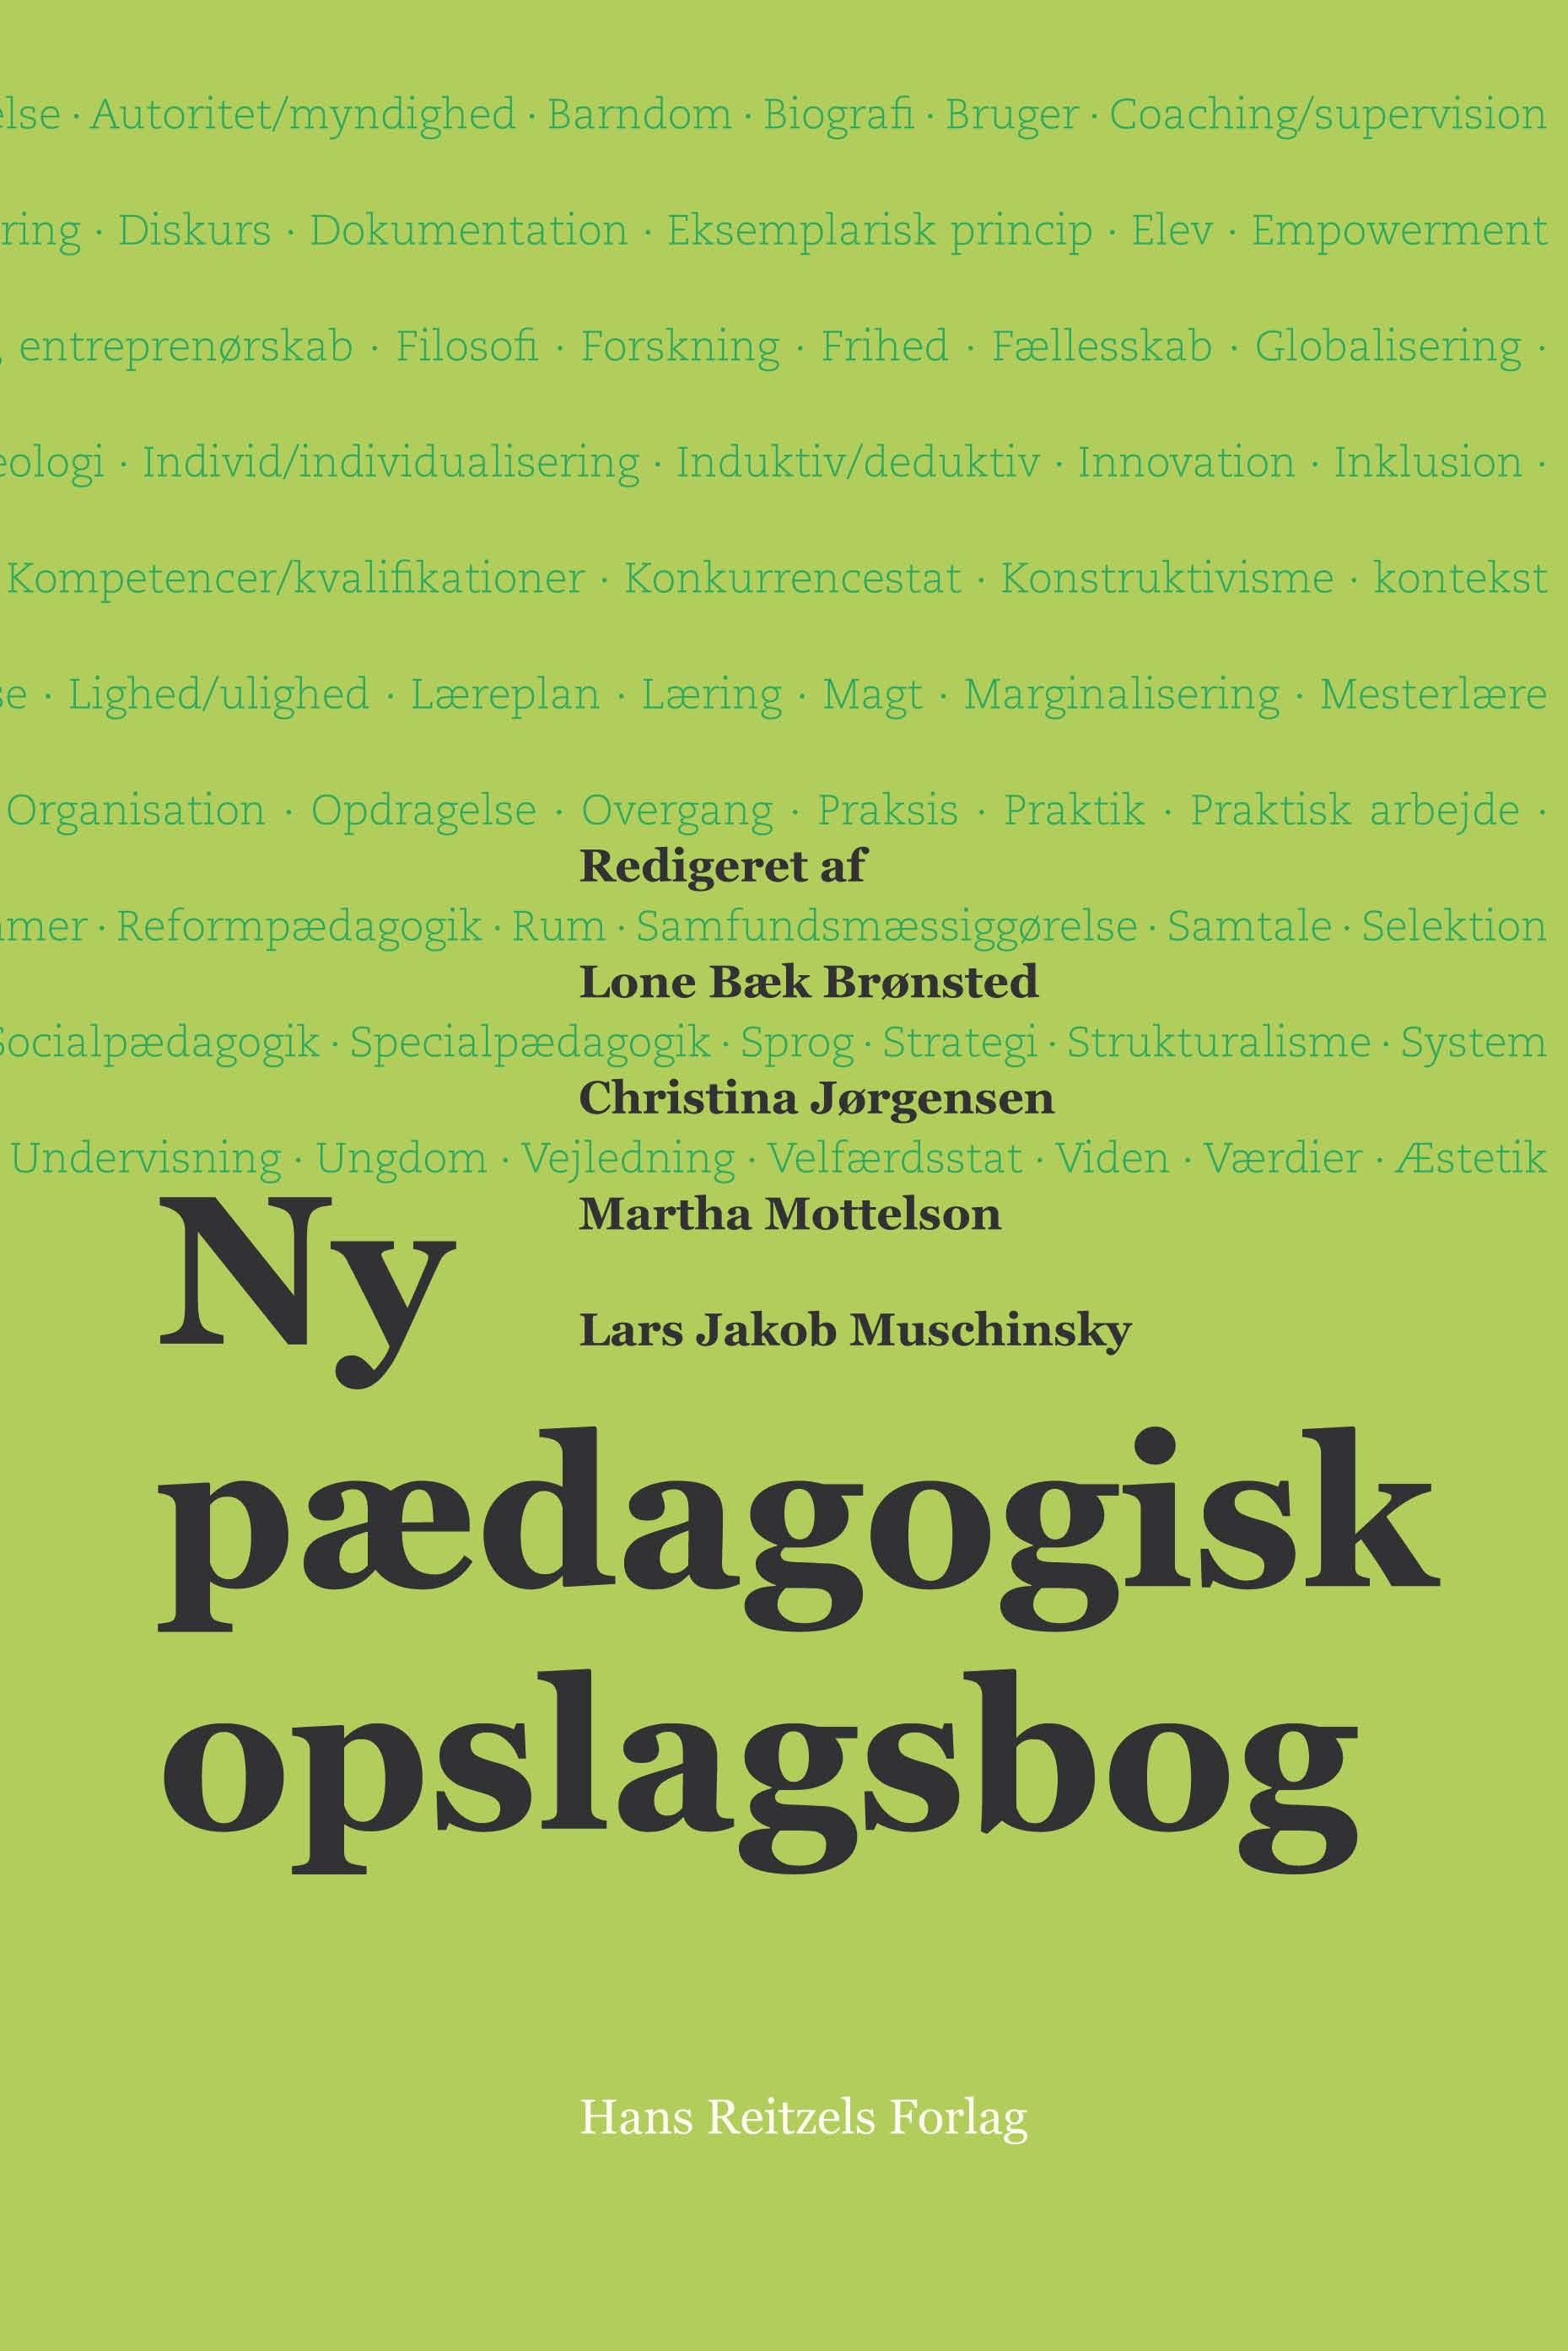 Ny pædagogisk opslagsbog